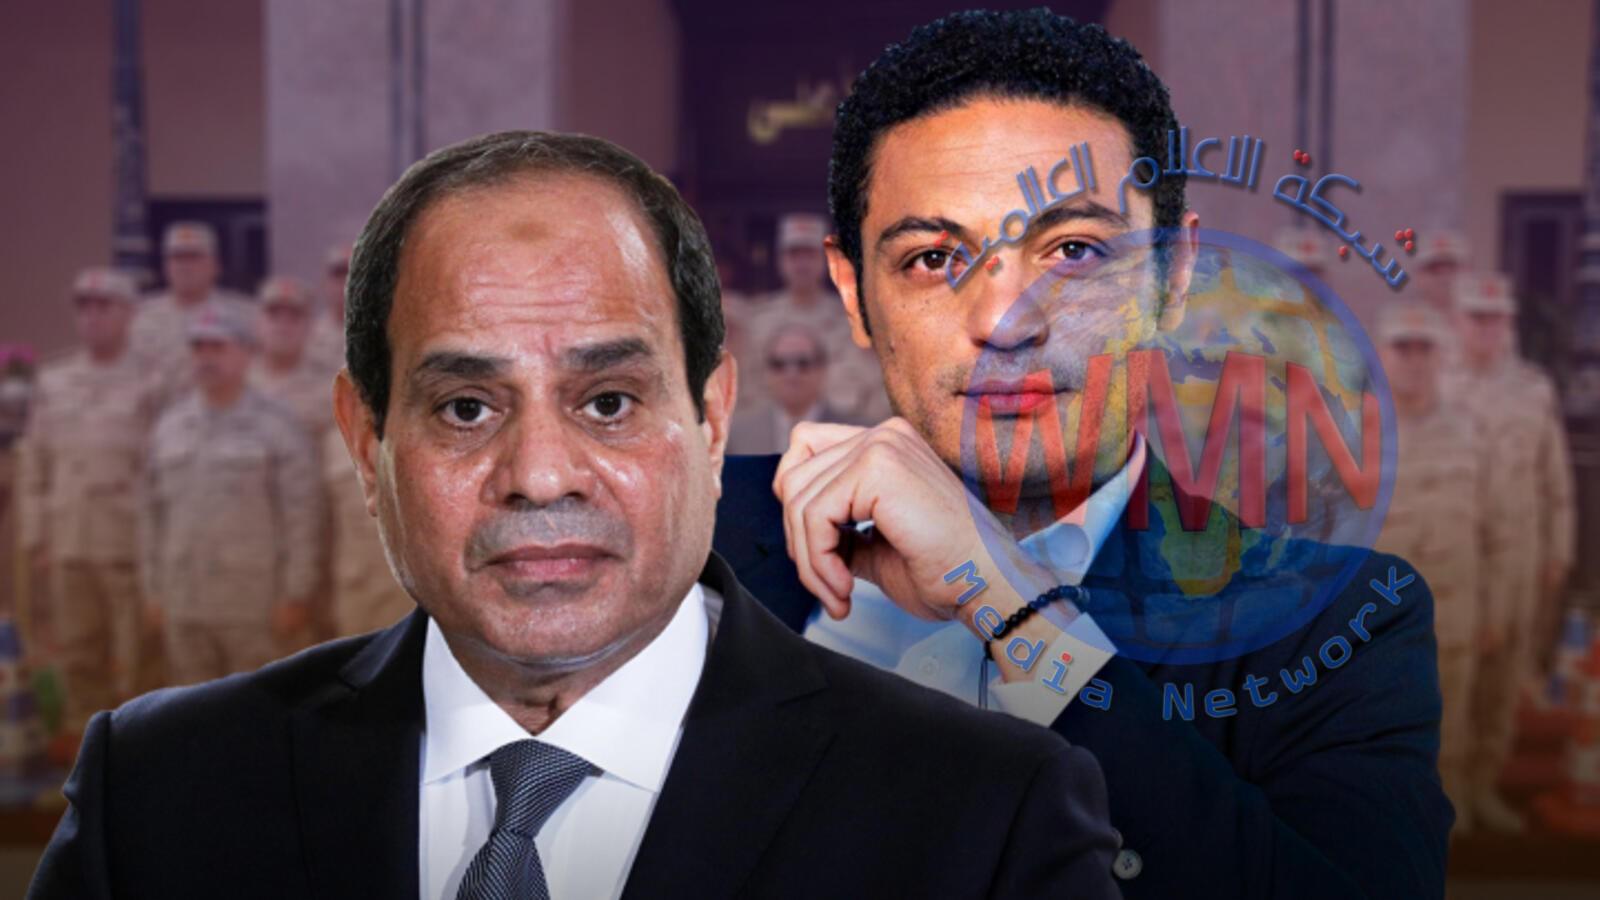 محمد علي يدعو للاحتشاد بكثافة بالميادين ويتحدث عن محاولات قتله